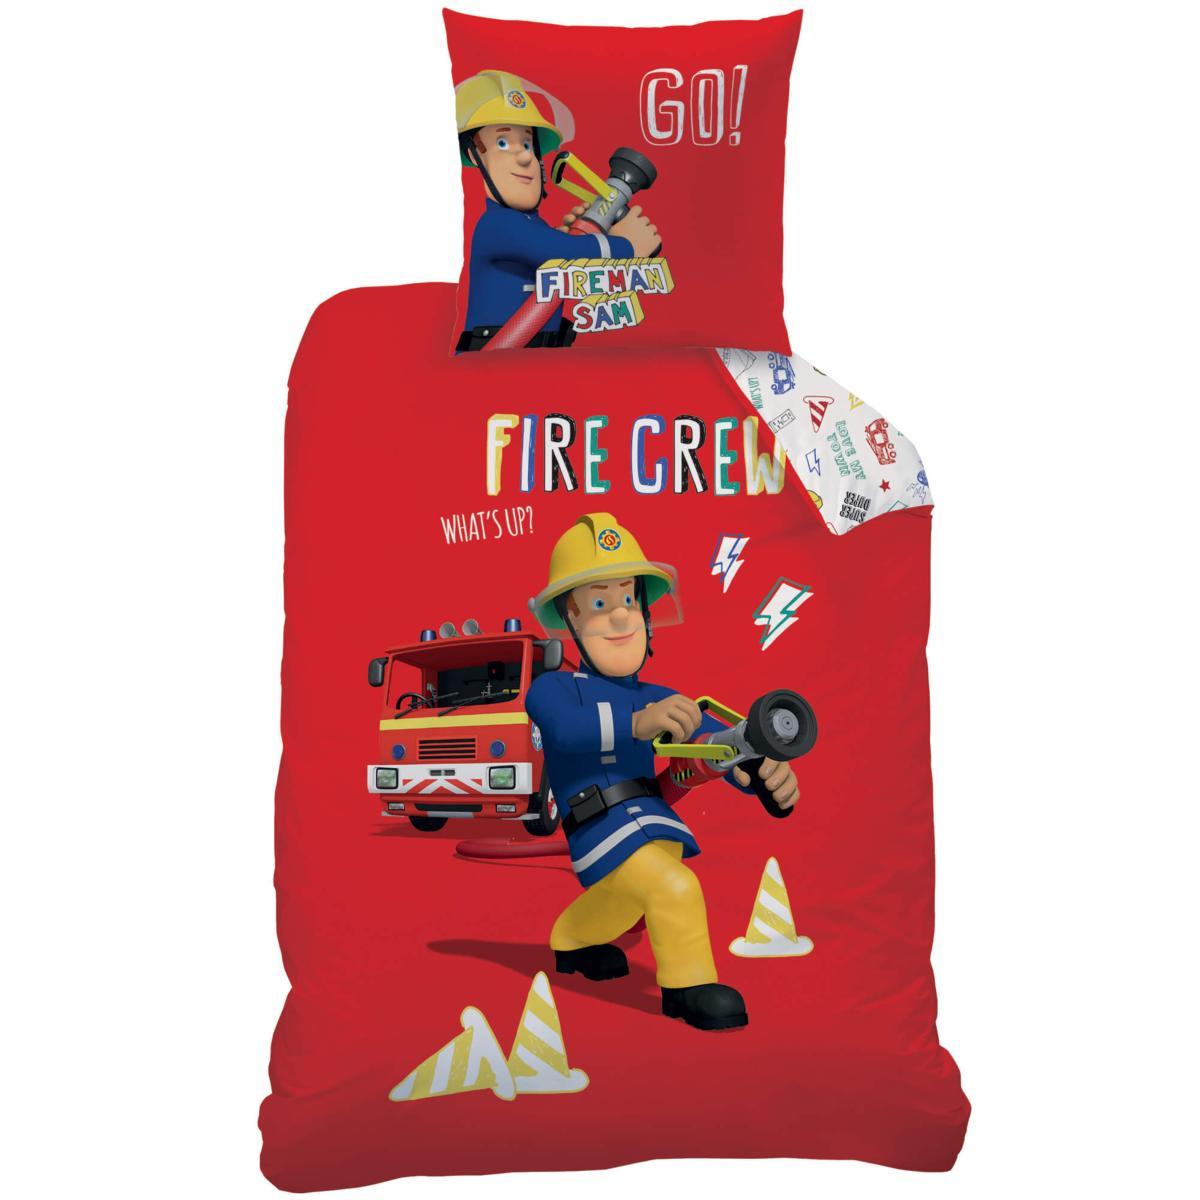 Parure housse de couette sam le pompier fire crew rouge - Housse de couette sam le pompier ...